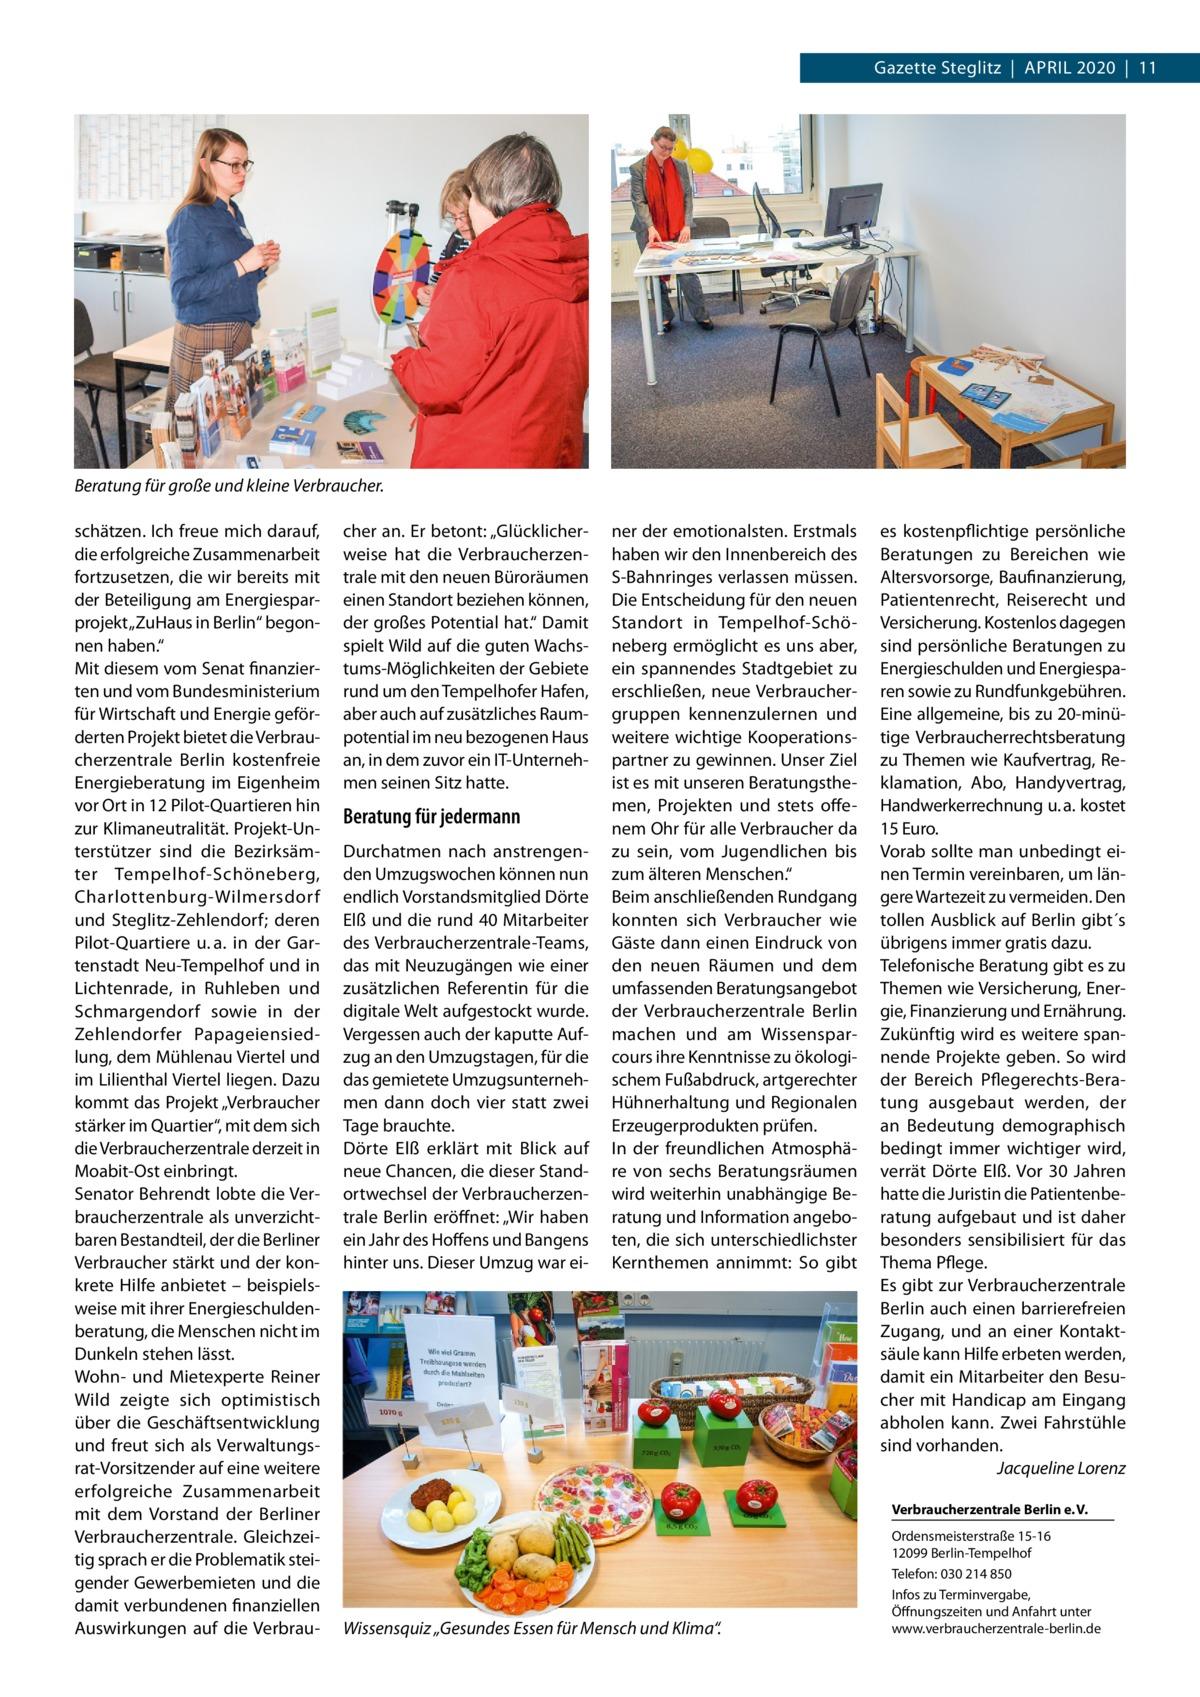 """Gazette Steglitz April 2020 11  Beratung für große und kleine Verbraucher. schätzen. ich freue mich darauf, die erfolgreiche Zusammenarbeit fortzusetzen, die wir bereits mit der Beteiligung am Energiesparprojekt """"ZuHaus in Berlin"""" begonnen haben."""" Mit diesem vom Senat finanzierten und vom Bundesministerium für Wirtschaft und Energie geförderten projekt bietet die Verbraucherzentrale Berlin kostenfreie Energieberatung im Eigenheim vor Ort in 12 pilot-Quartieren hin zur Klimaneutralität. projekt-Unterstützer sind die Bezirksämter Tempelhof-Schöneberg, Charlottenburg-Wilmersdorf und Steglitz-Zehlendorf; deren pilot-Quartiere u. a. in der Gartenstadt Neu-Tempelhof und in lichtenrade, in ruhleben und Schmargendorf sowie in der Zehlendorfer papageiensiedlung, dem Mühlenau Viertel und im lilienthal Viertel liegen. Dazu kommt das projekt """"Verbraucher stärker im Quartier"""", mit dem sich die Verbraucherzentrale derzeit in Moabit-Ost einbringt. Senator Behrendt lobte die Verbraucherzentrale als unverzichtbaren Bestandteil, der die Berliner Verbraucher stärkt und der konkrete Hilfe anbietet – beispielsweise mit ihrer Energieschuldenberatung, die Menschen nicht im Dunkeln stehen lässt. Wohn- und Mietexperte reiner Wild zeigte sich optimistisch über die Geschäftsentwicklung und freut sich als Verwaltungsrat-Vorsitzender auf eine weitere erfolgreiche Zusammenarbeit mit dem Vorstand der Berliner Verbraucherzentrale. Gleichzeitig sprach er die problematik steigender Gewerbemieten und die damit verbundenen finanziellen Auswirkungen auf die Verbrau cher an. Er betont: """"Glücklicherweise hat die Verbraucherzentrale mit den neuen Büroräumen einen Standort beziehen können, der großes potential hat."""" Damit spielt Wild auf die guten Wachstums-Möglichkeiten der Gebiete rund um den Tempelhofer Hafen, aber auch auf zusätzliches raumpotential im neu bezogenen Haus an, in dem zuvor ein iT-Unternehmen seinen Sitz hatte.  Beratung für jedermann Durchatmen nach anstrengenden Umzugswochen können nun """